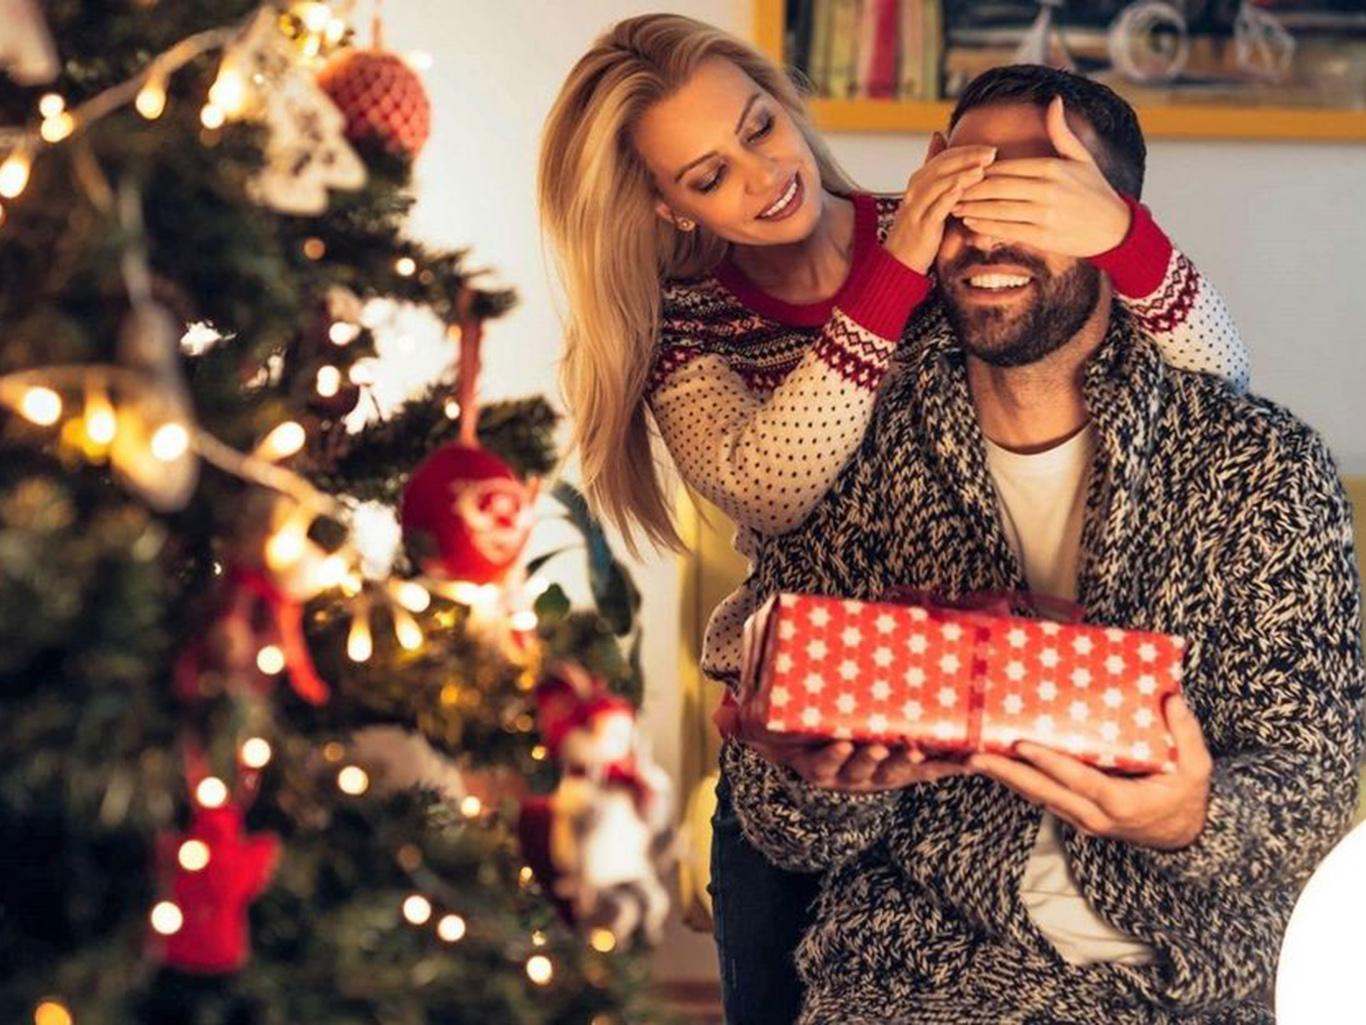 Что подарить на Новый год:  Топ лучших идей подарков для любимых, родных и друзей